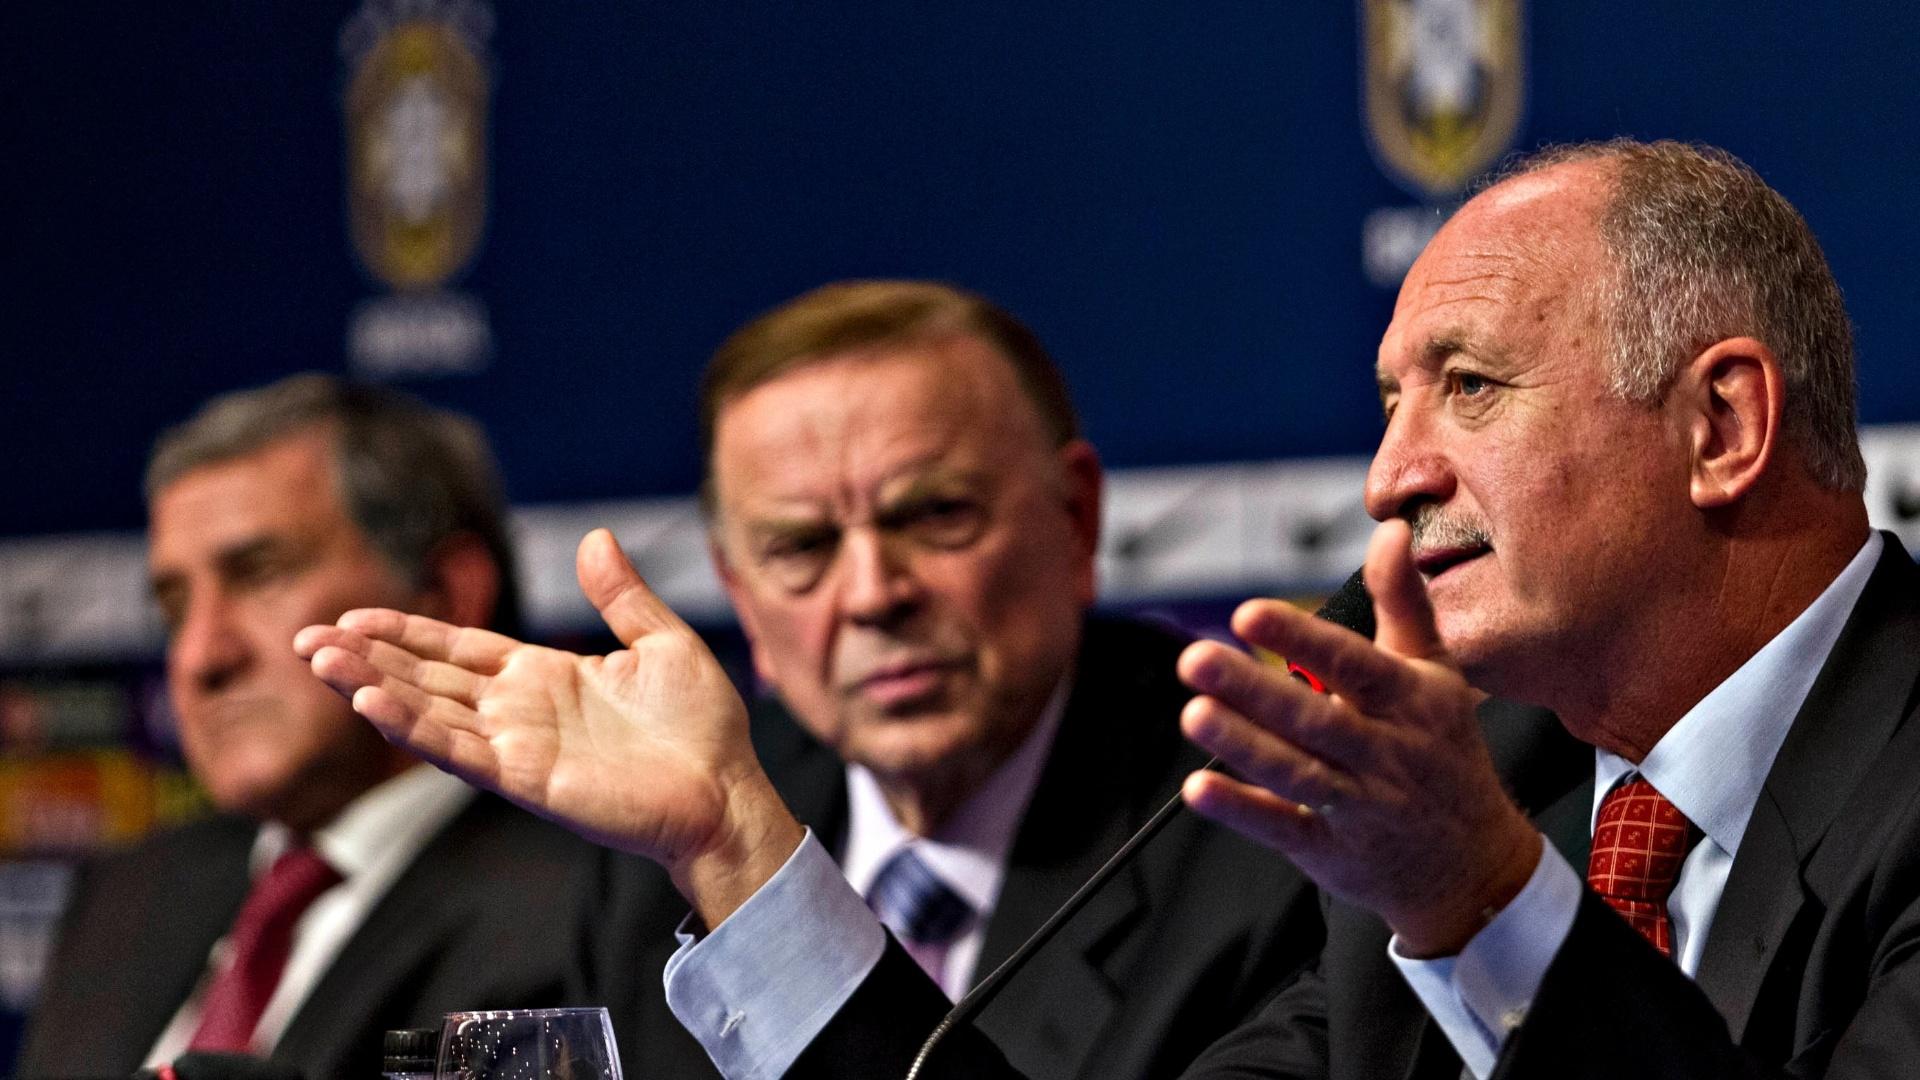 22.jan.2013 - Técnico da seleção brasileira, Luiz Felipe Scolari (d), responde a perguntas após o anúncio de sua primeira convocação